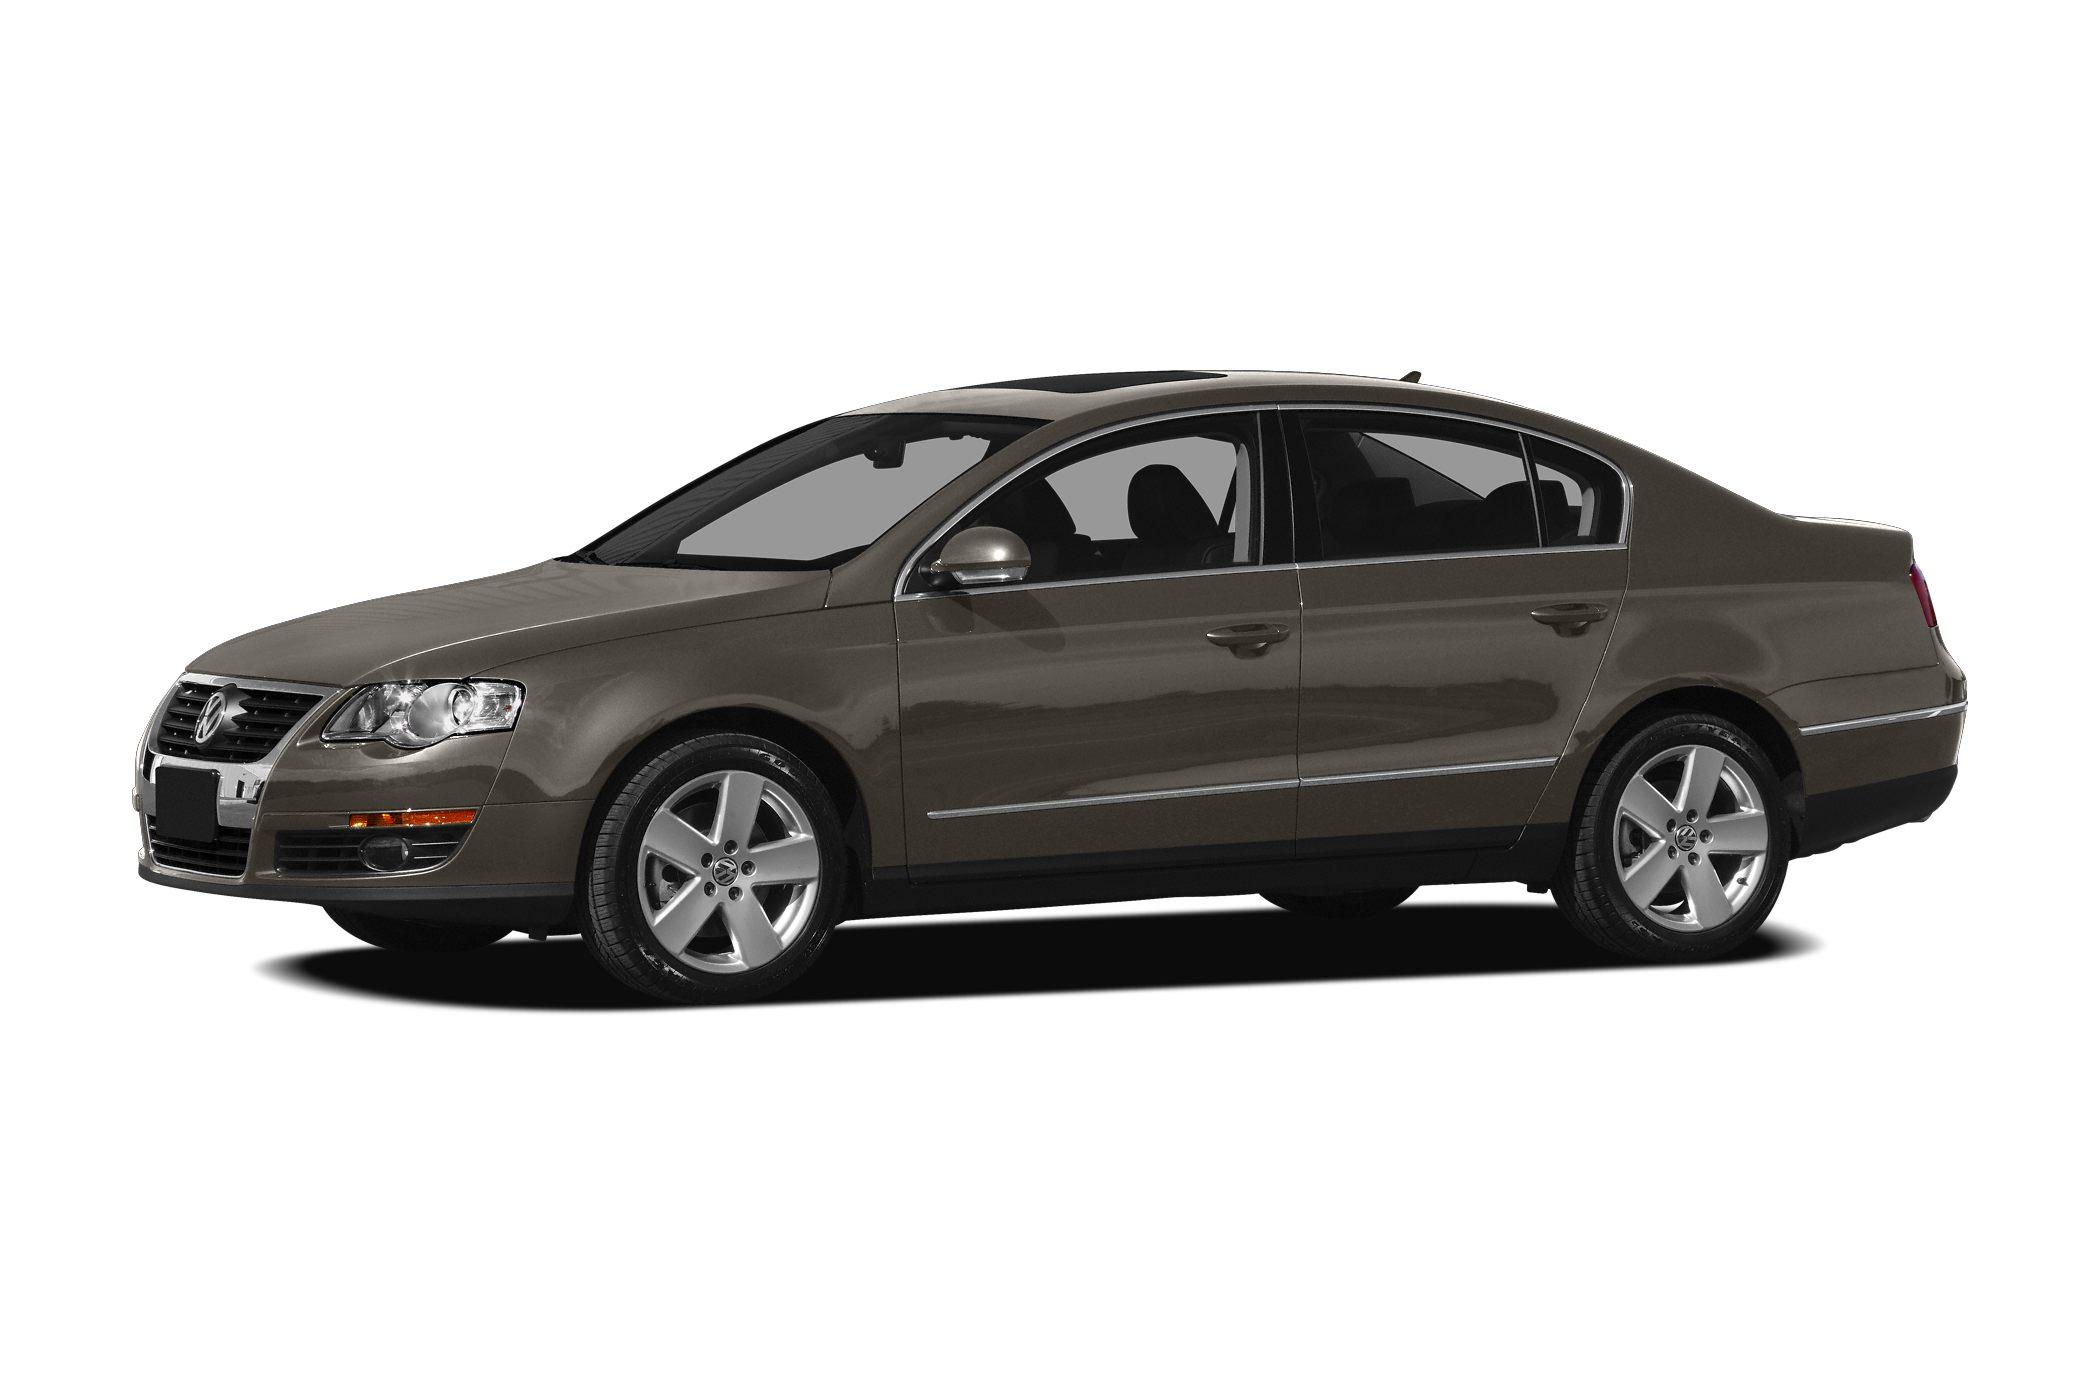 2010 Volkswagen Passat Komfort Experience driving perfection in the 2010 Volkswagen Passat Perfor